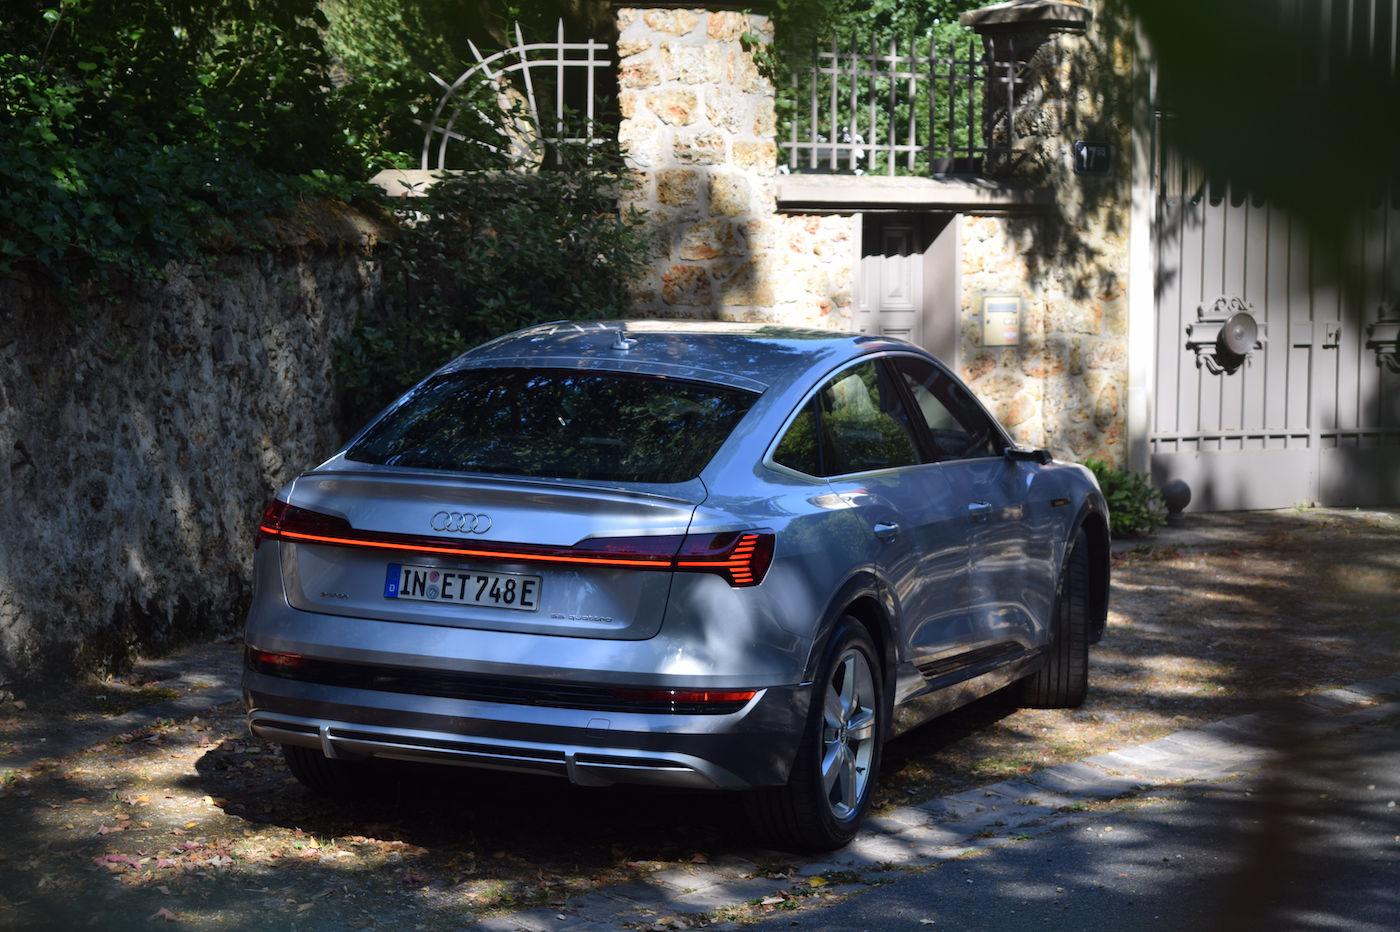 Audi e-tron Sportback essai avis